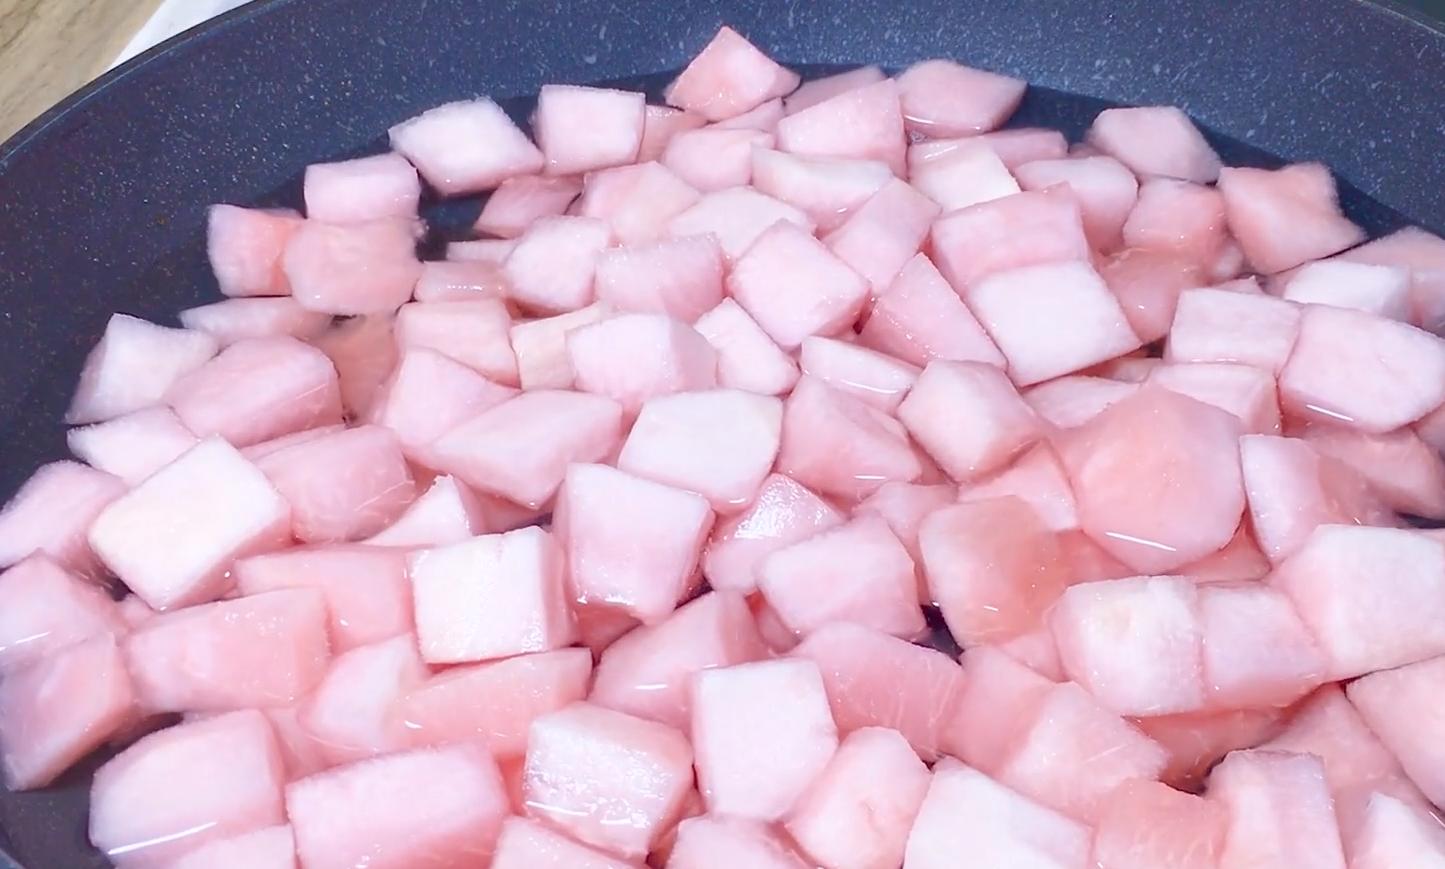 柚子瓤別扔了,教你自製柚子糖,清香又甘甜,好吃不上火,超簡單